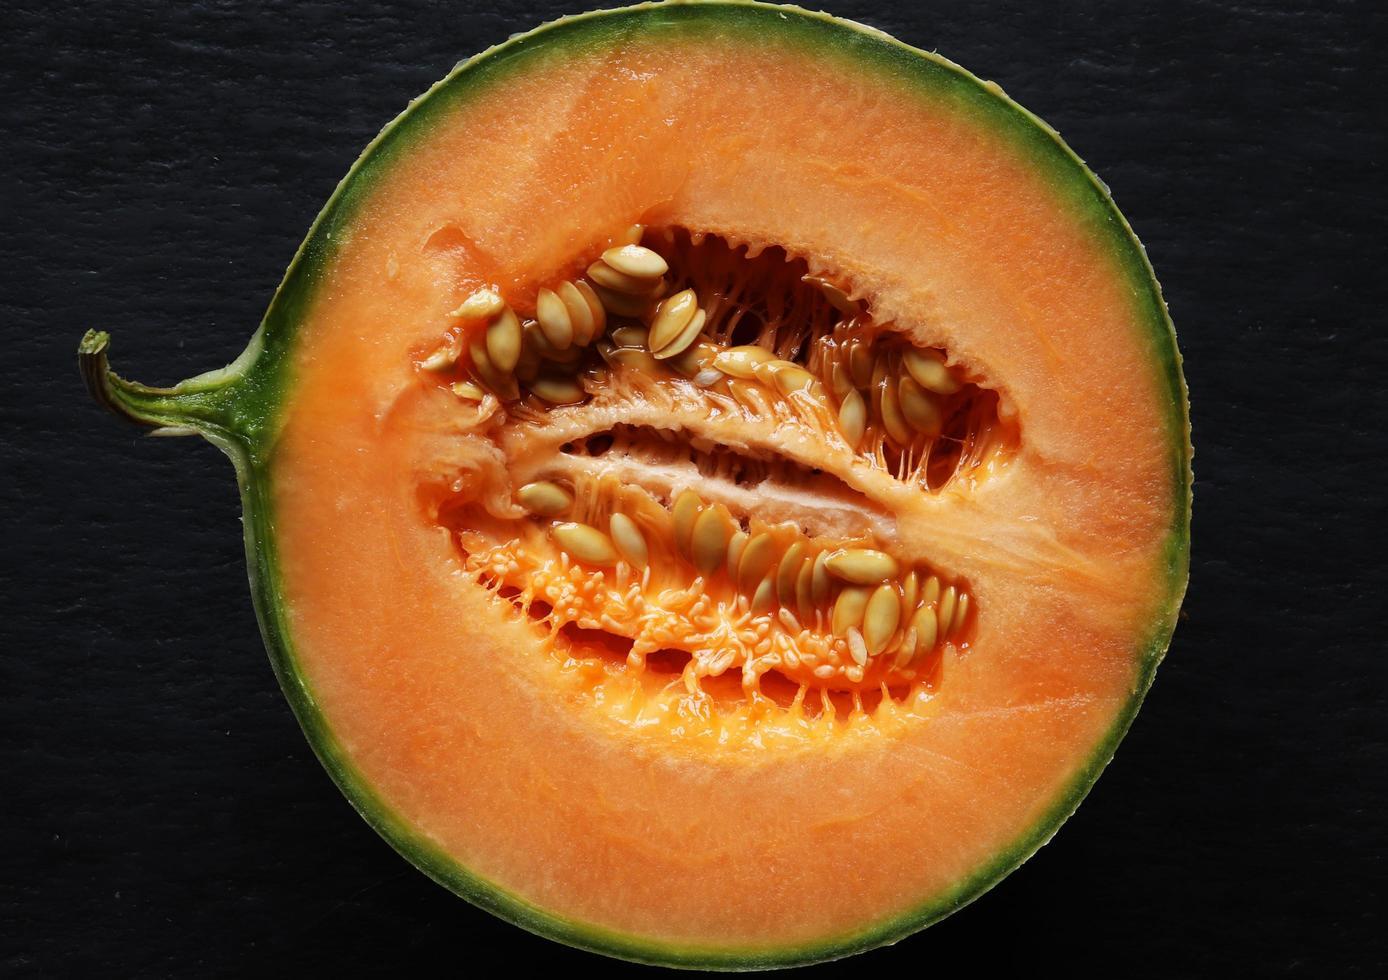 Warzenmelone isoliert auf Schiefer foto